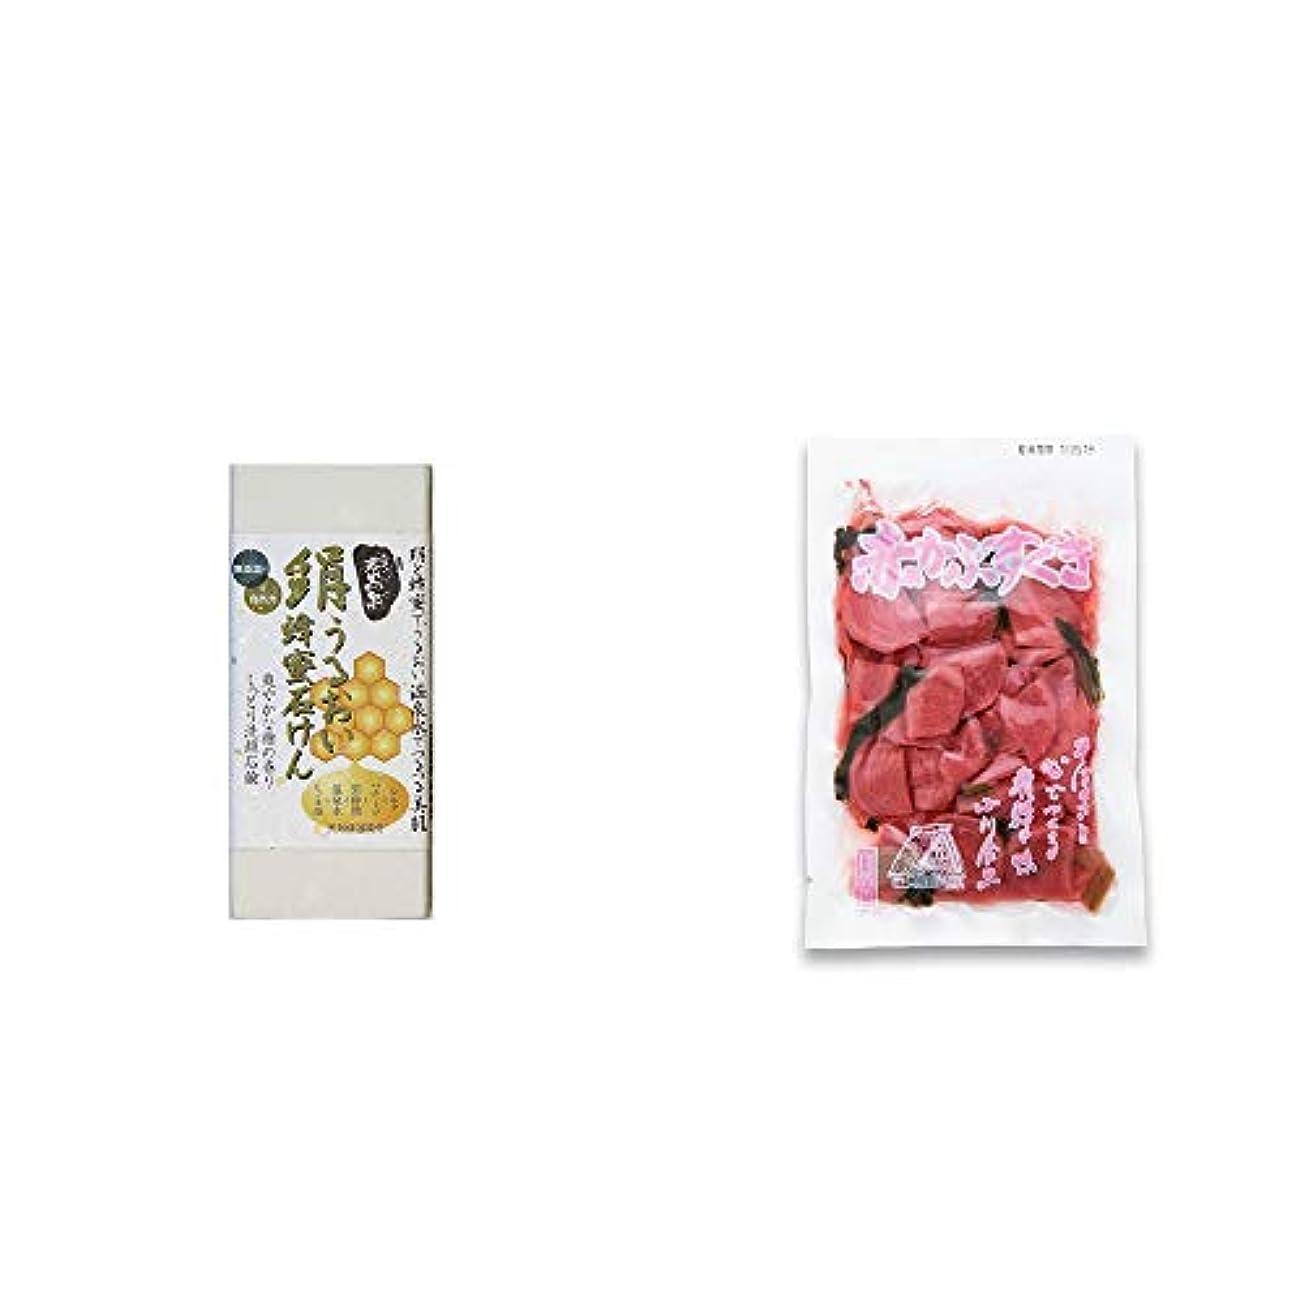 破滅的な横向き両方[2点セット] ひのき炭黒泉 絹うるおい蜂蜜石けん(75g×2)?赤かぶすぐき(160g)